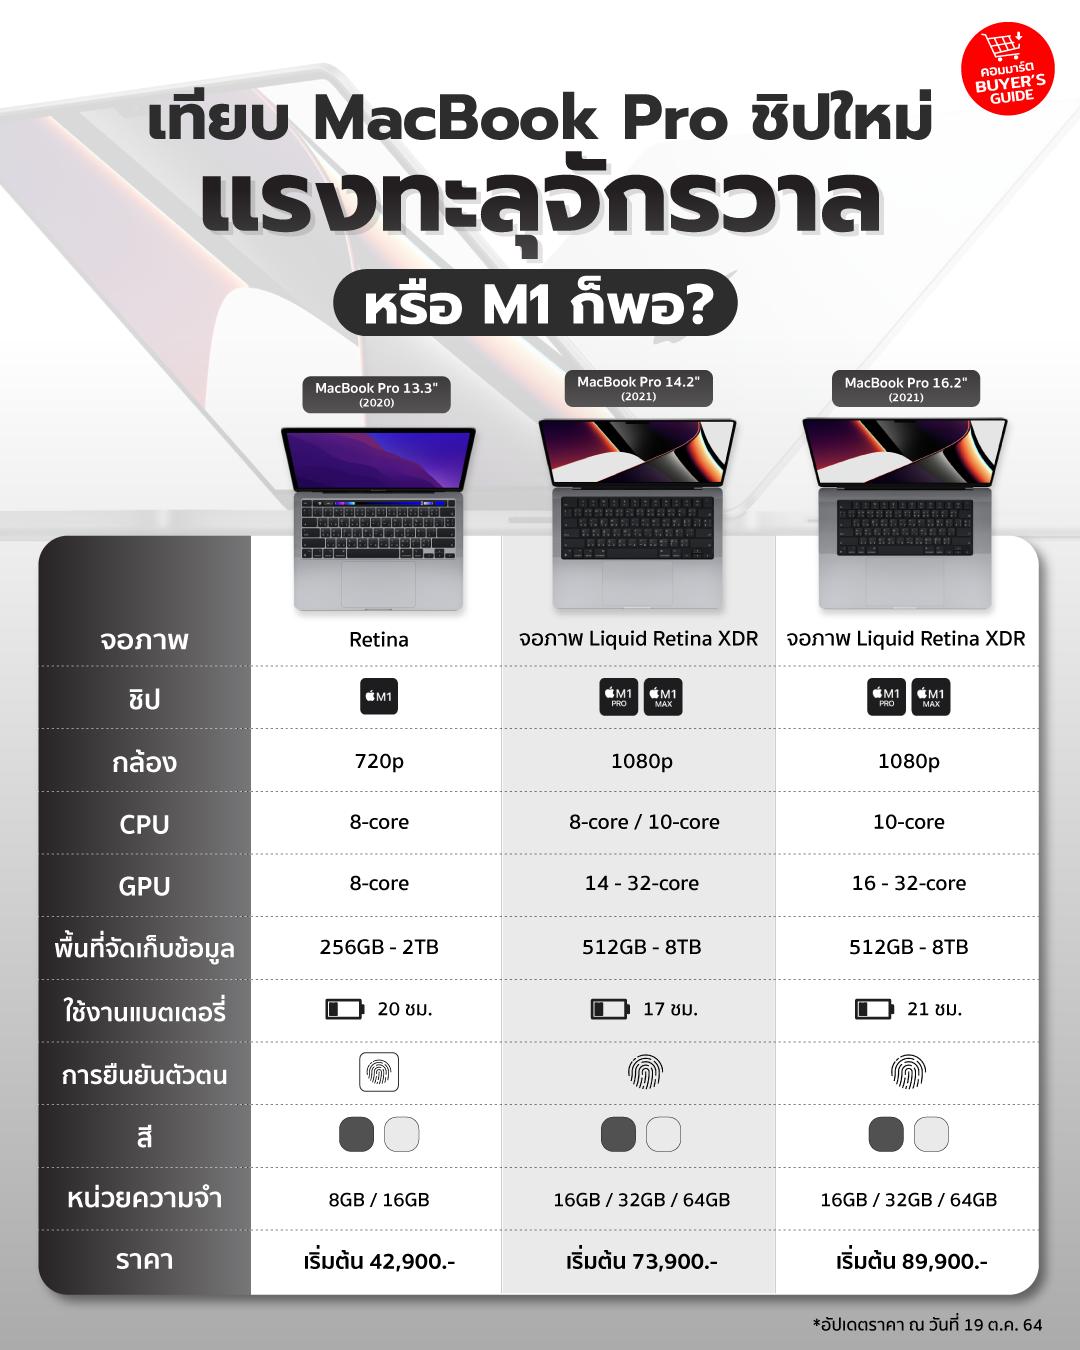 เทียบ MacBook Pro ชิปใหม่ แรงทะลุจักรวาล หรือ M1 ก็พอ?